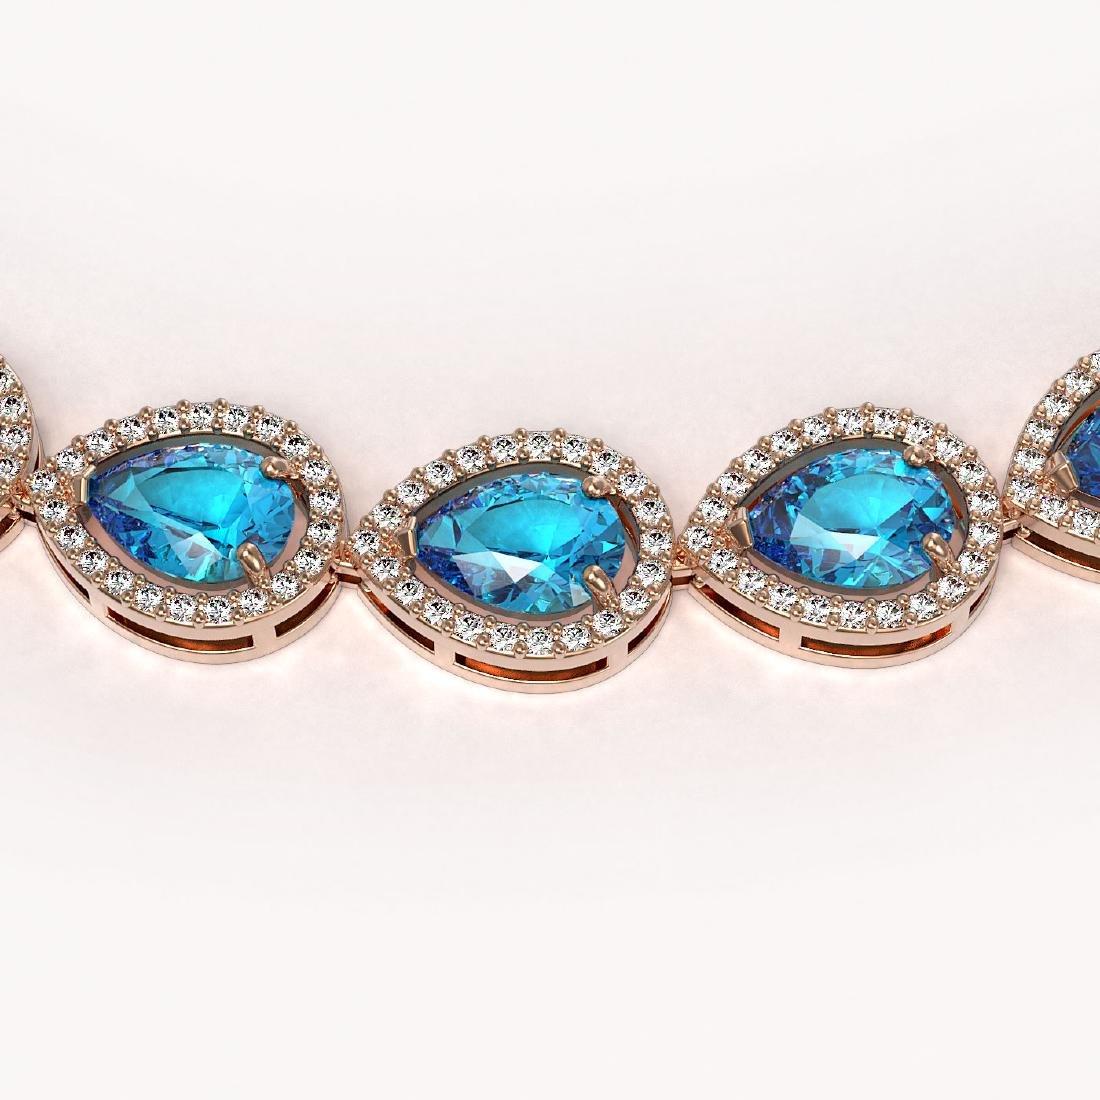 35.13 CTW Swiss Topaz & Diamond Halo Necklace 10K Rose - 3